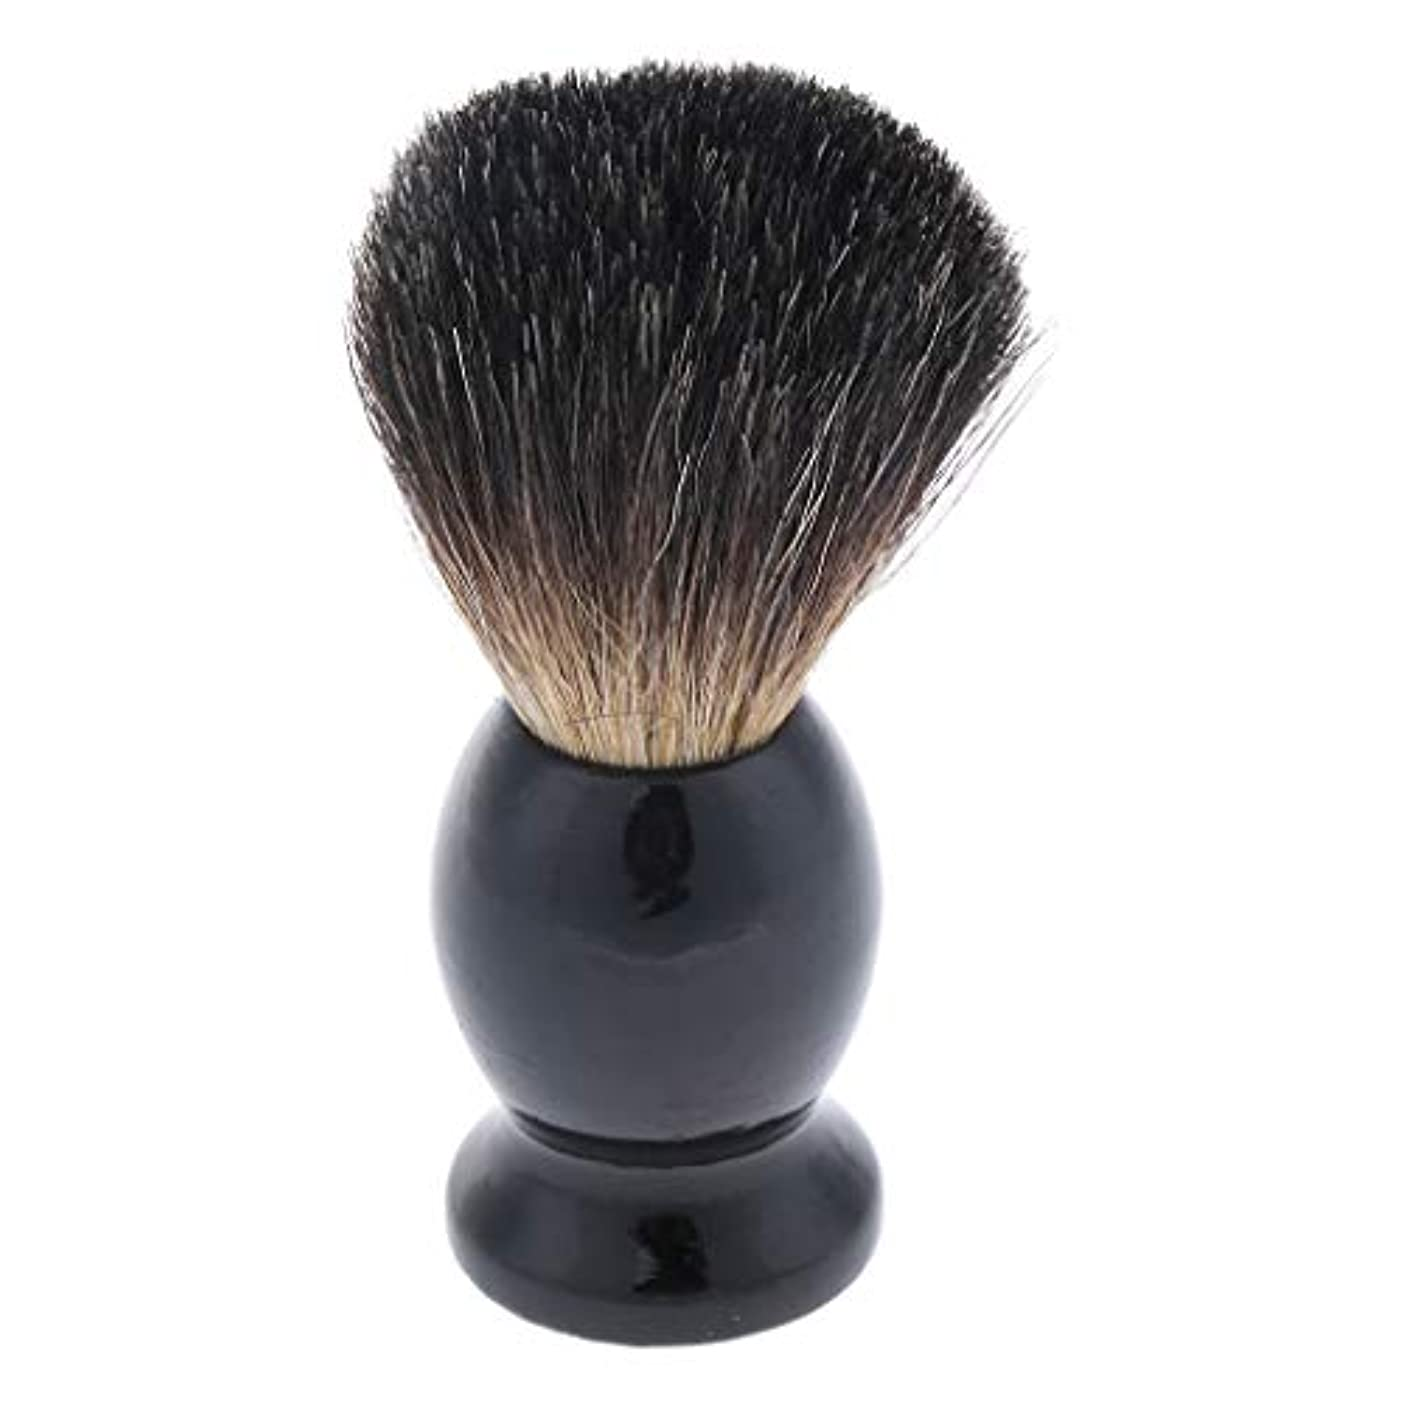 人物押す法律によりメンズ ひげブラシ シェービングブラシ ひげ剃りブラシ 木製ハンドル 父 贈り物